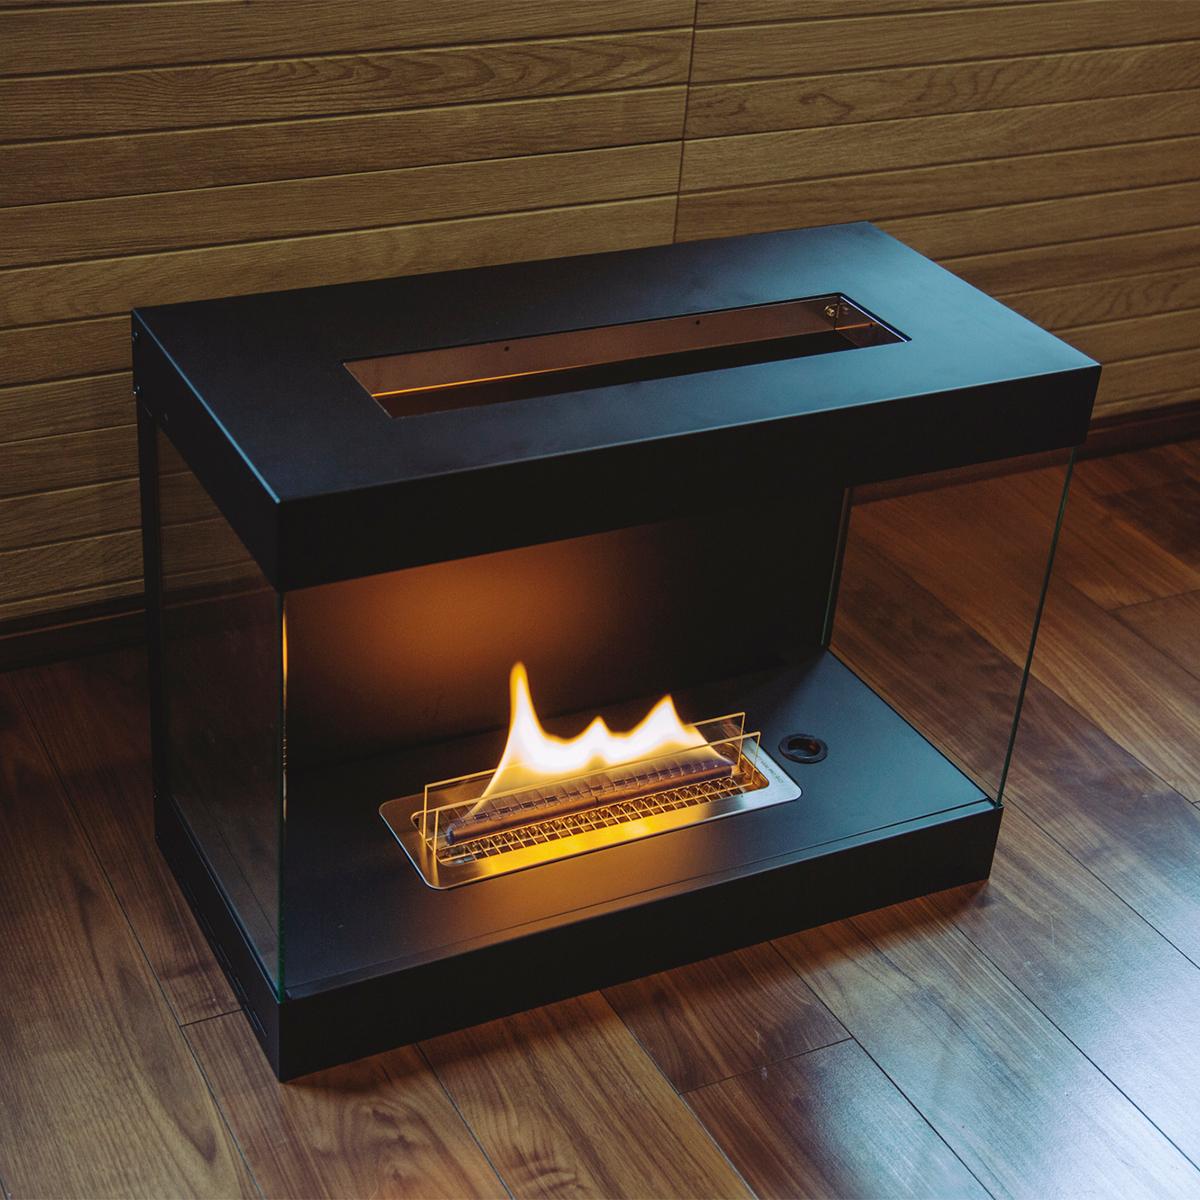 家族との団欒で、友人たちを呼んでのホームパーティーで、仲間たちと囲むのに、ぴったりのサイズ。家のどこにでも置けるバイオエタノール燃料を使った「暖炉」|LOVINFLAME VENTFREE